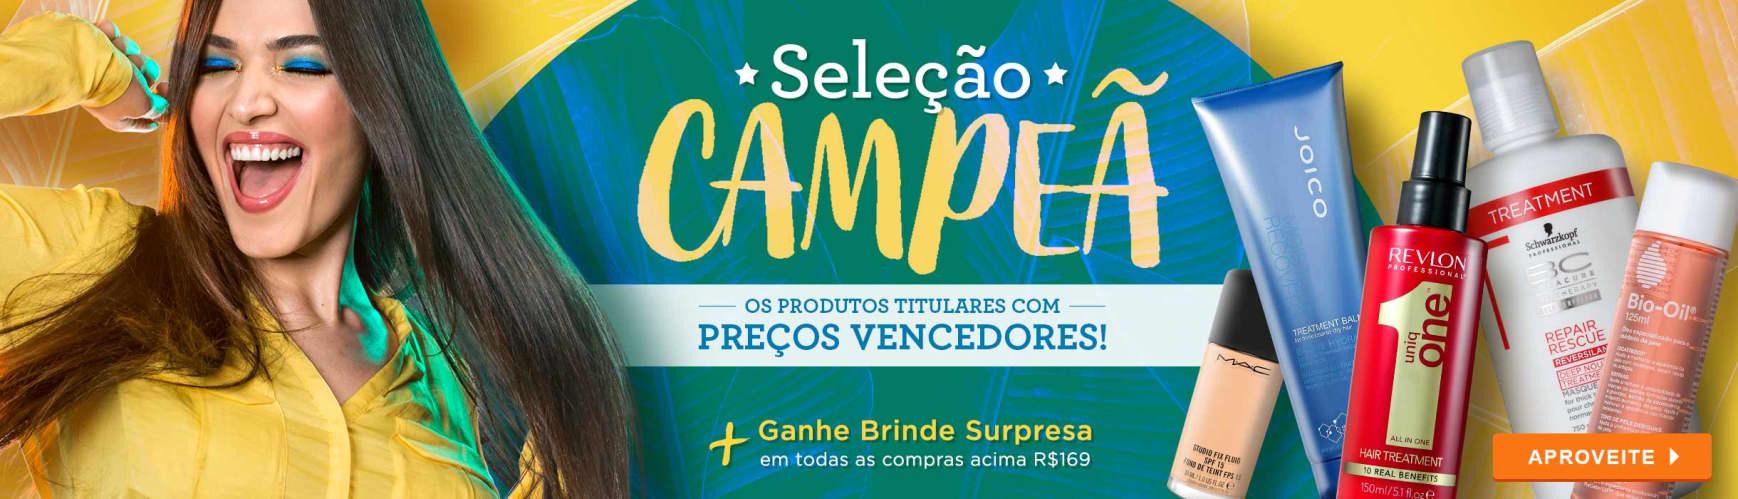 Home: Copa do Mundo - Seleção Campeã + Brinde Surpresa